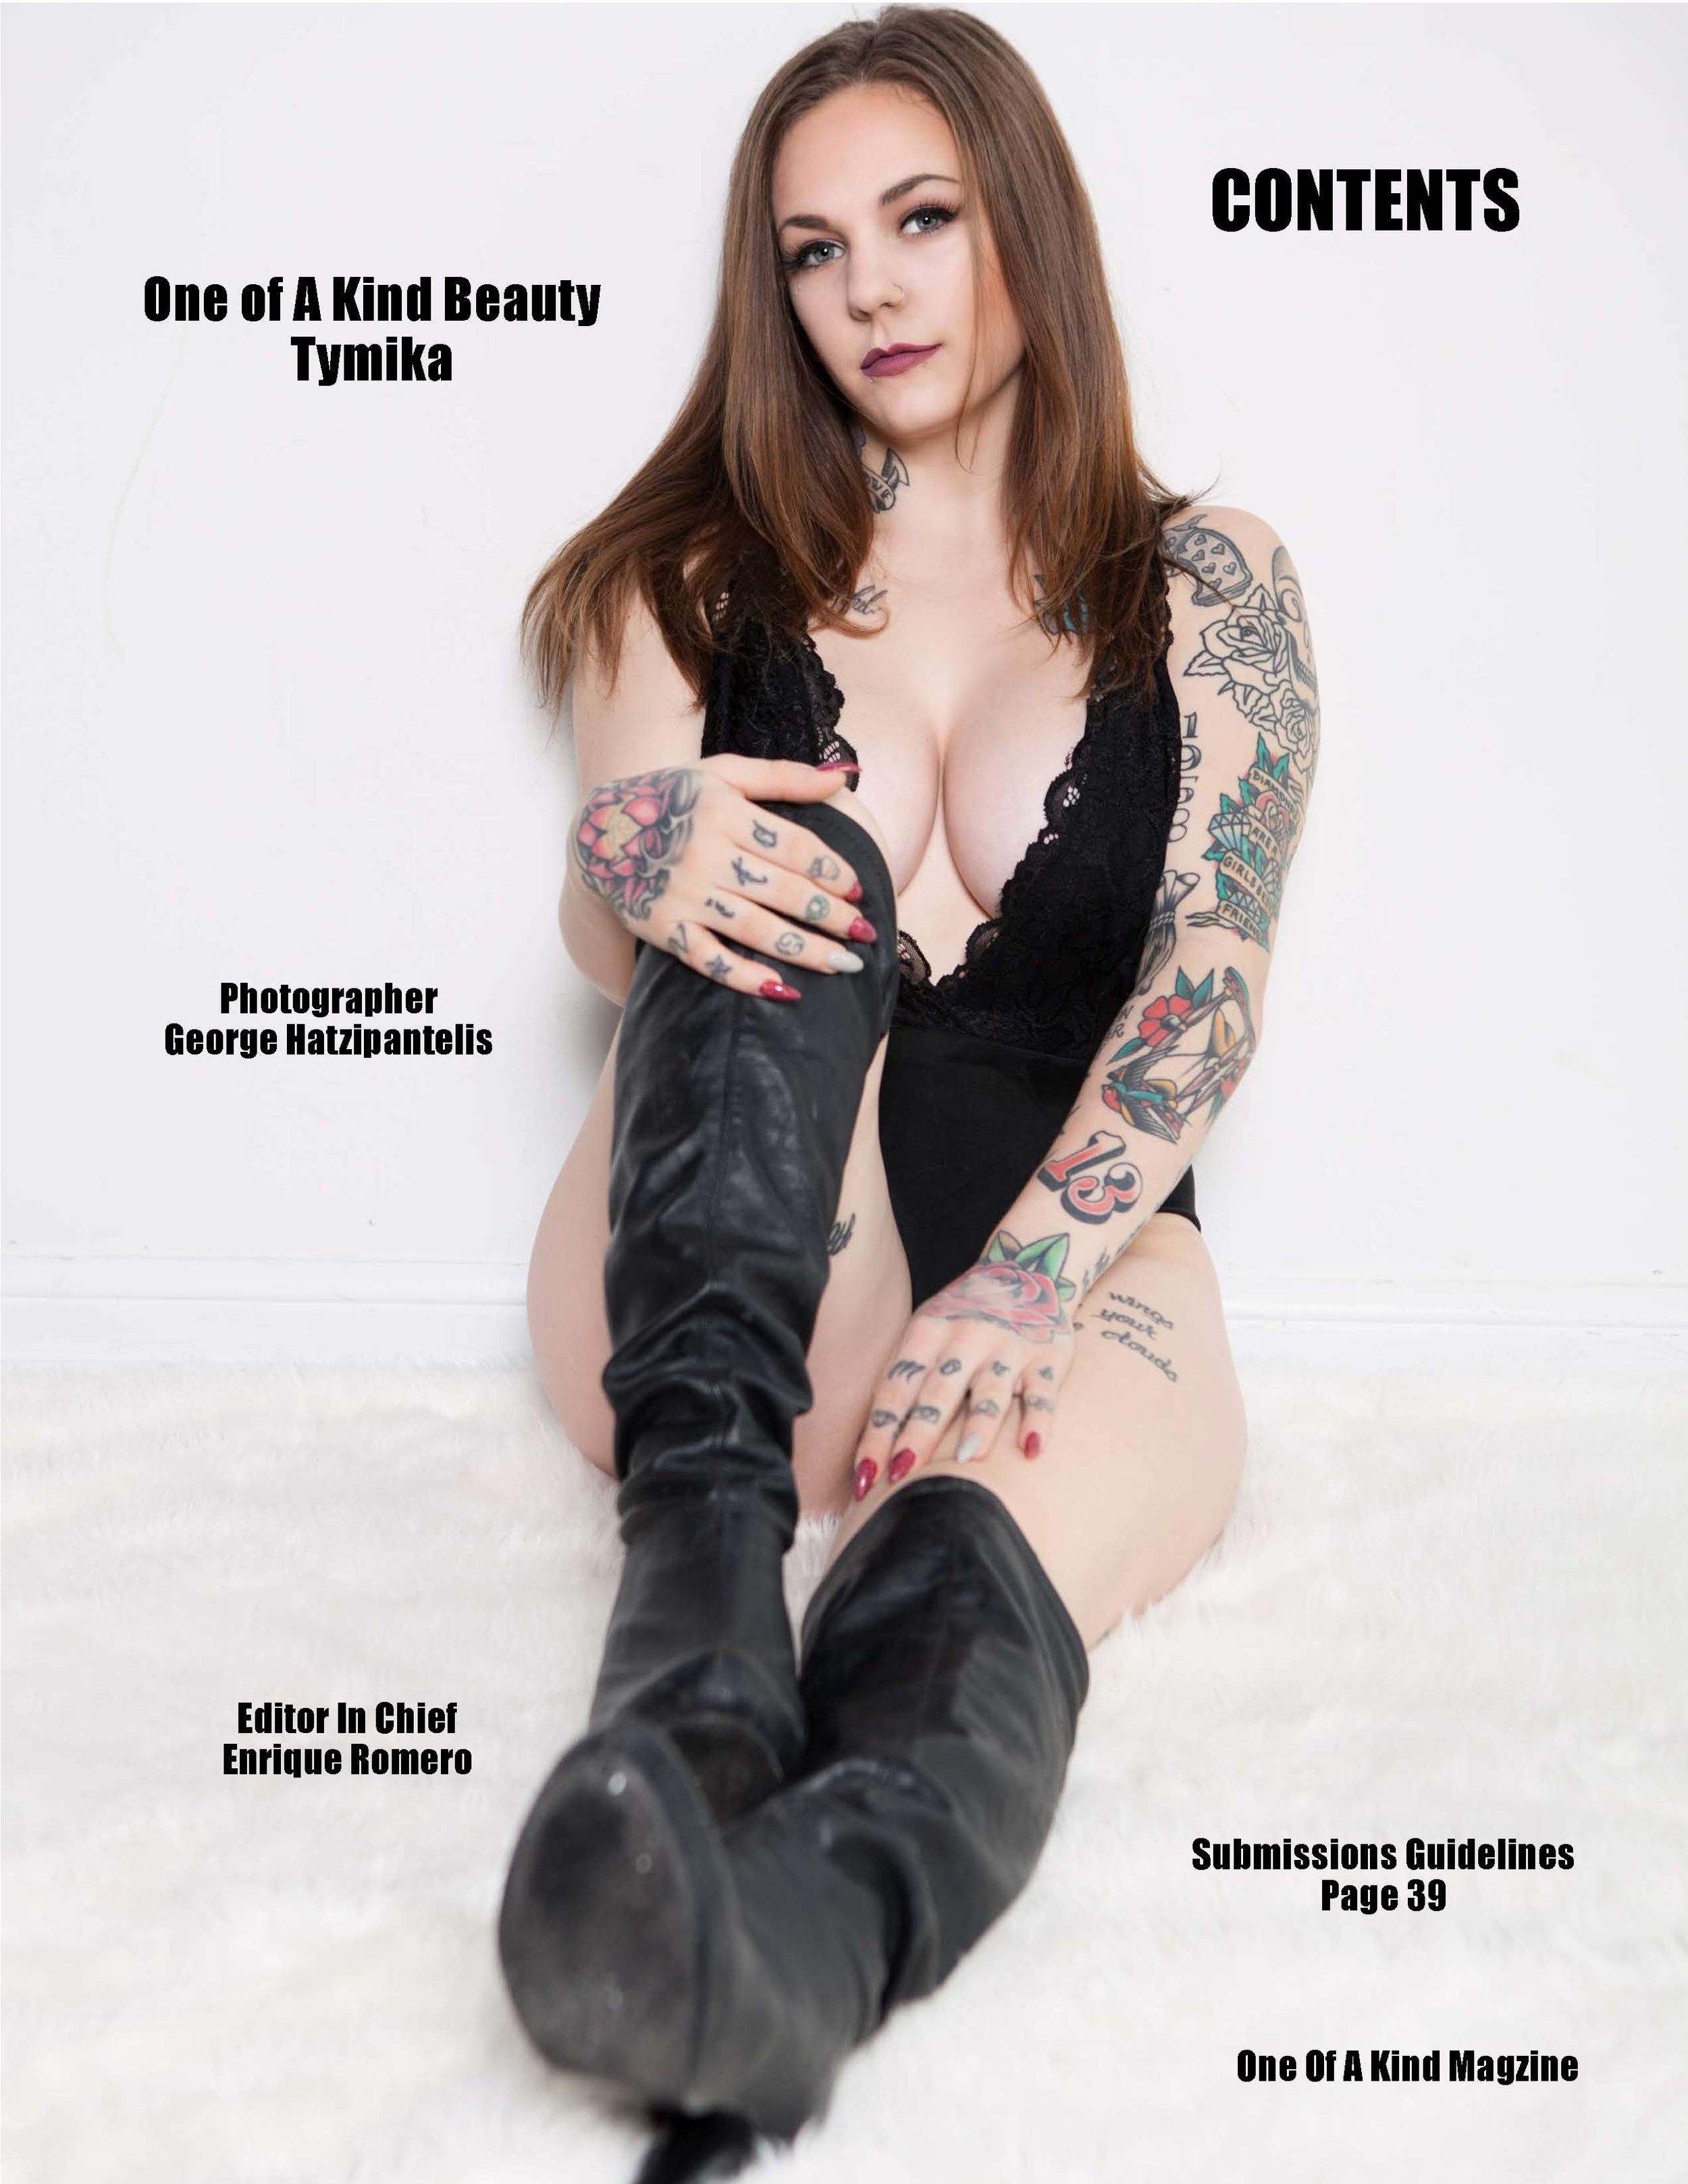 05-OOAK Magazine-T-Aug2018.jpg